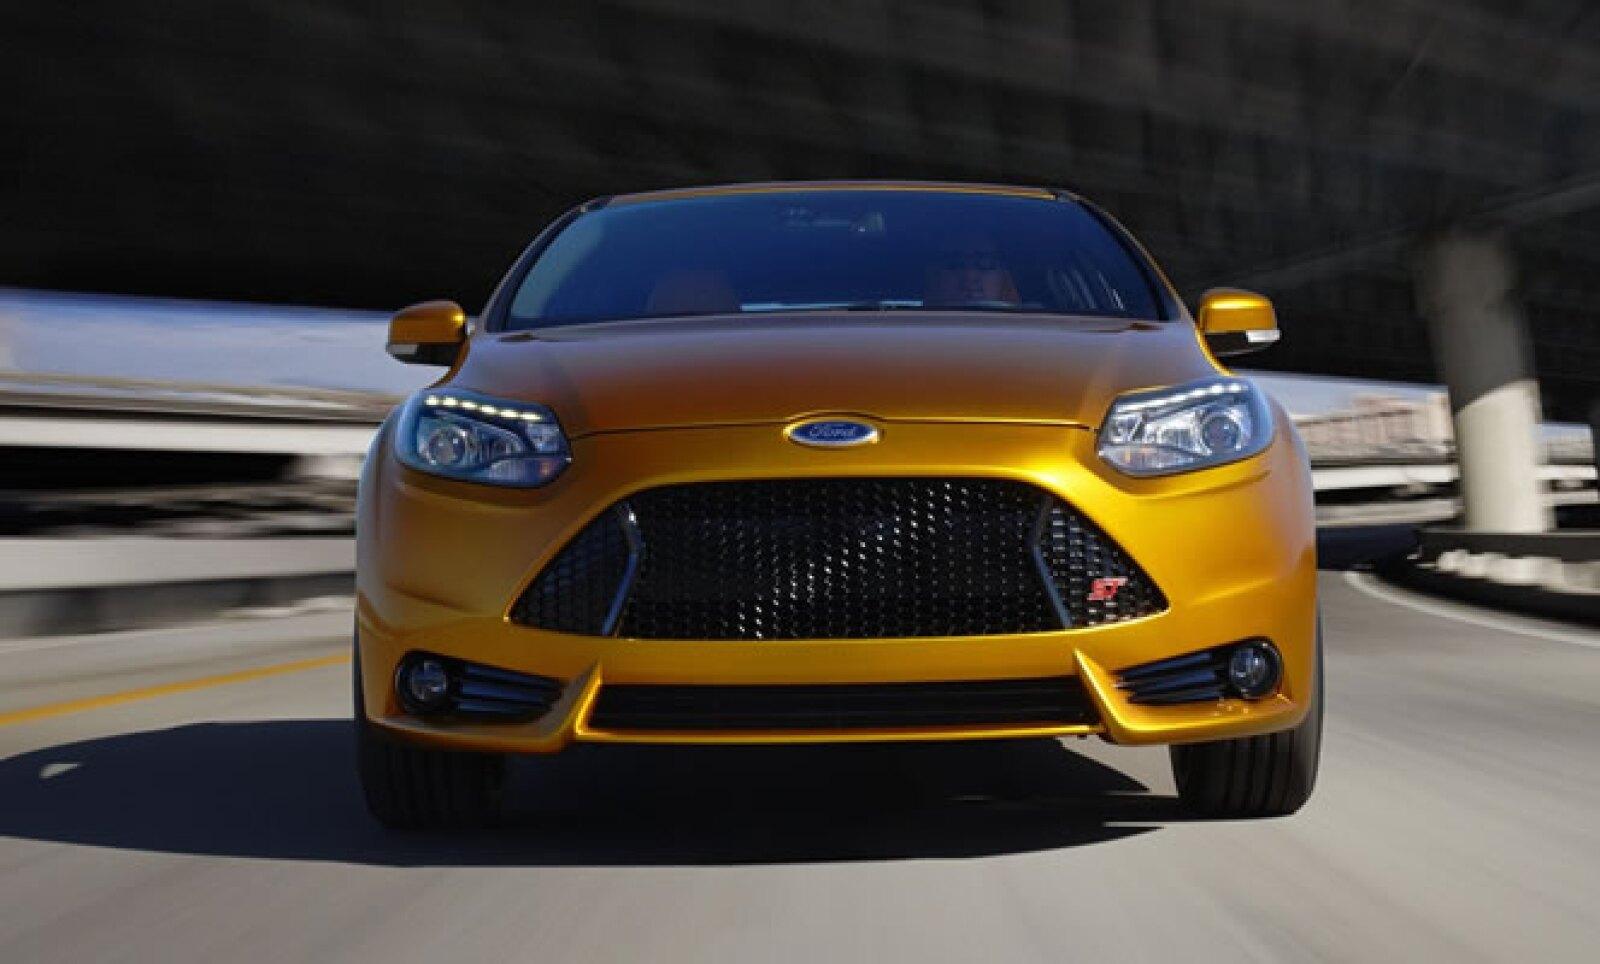 Entre las características que reconocieron están el diseño dinámico, creando una fusión entre el conductor y el vehículo.